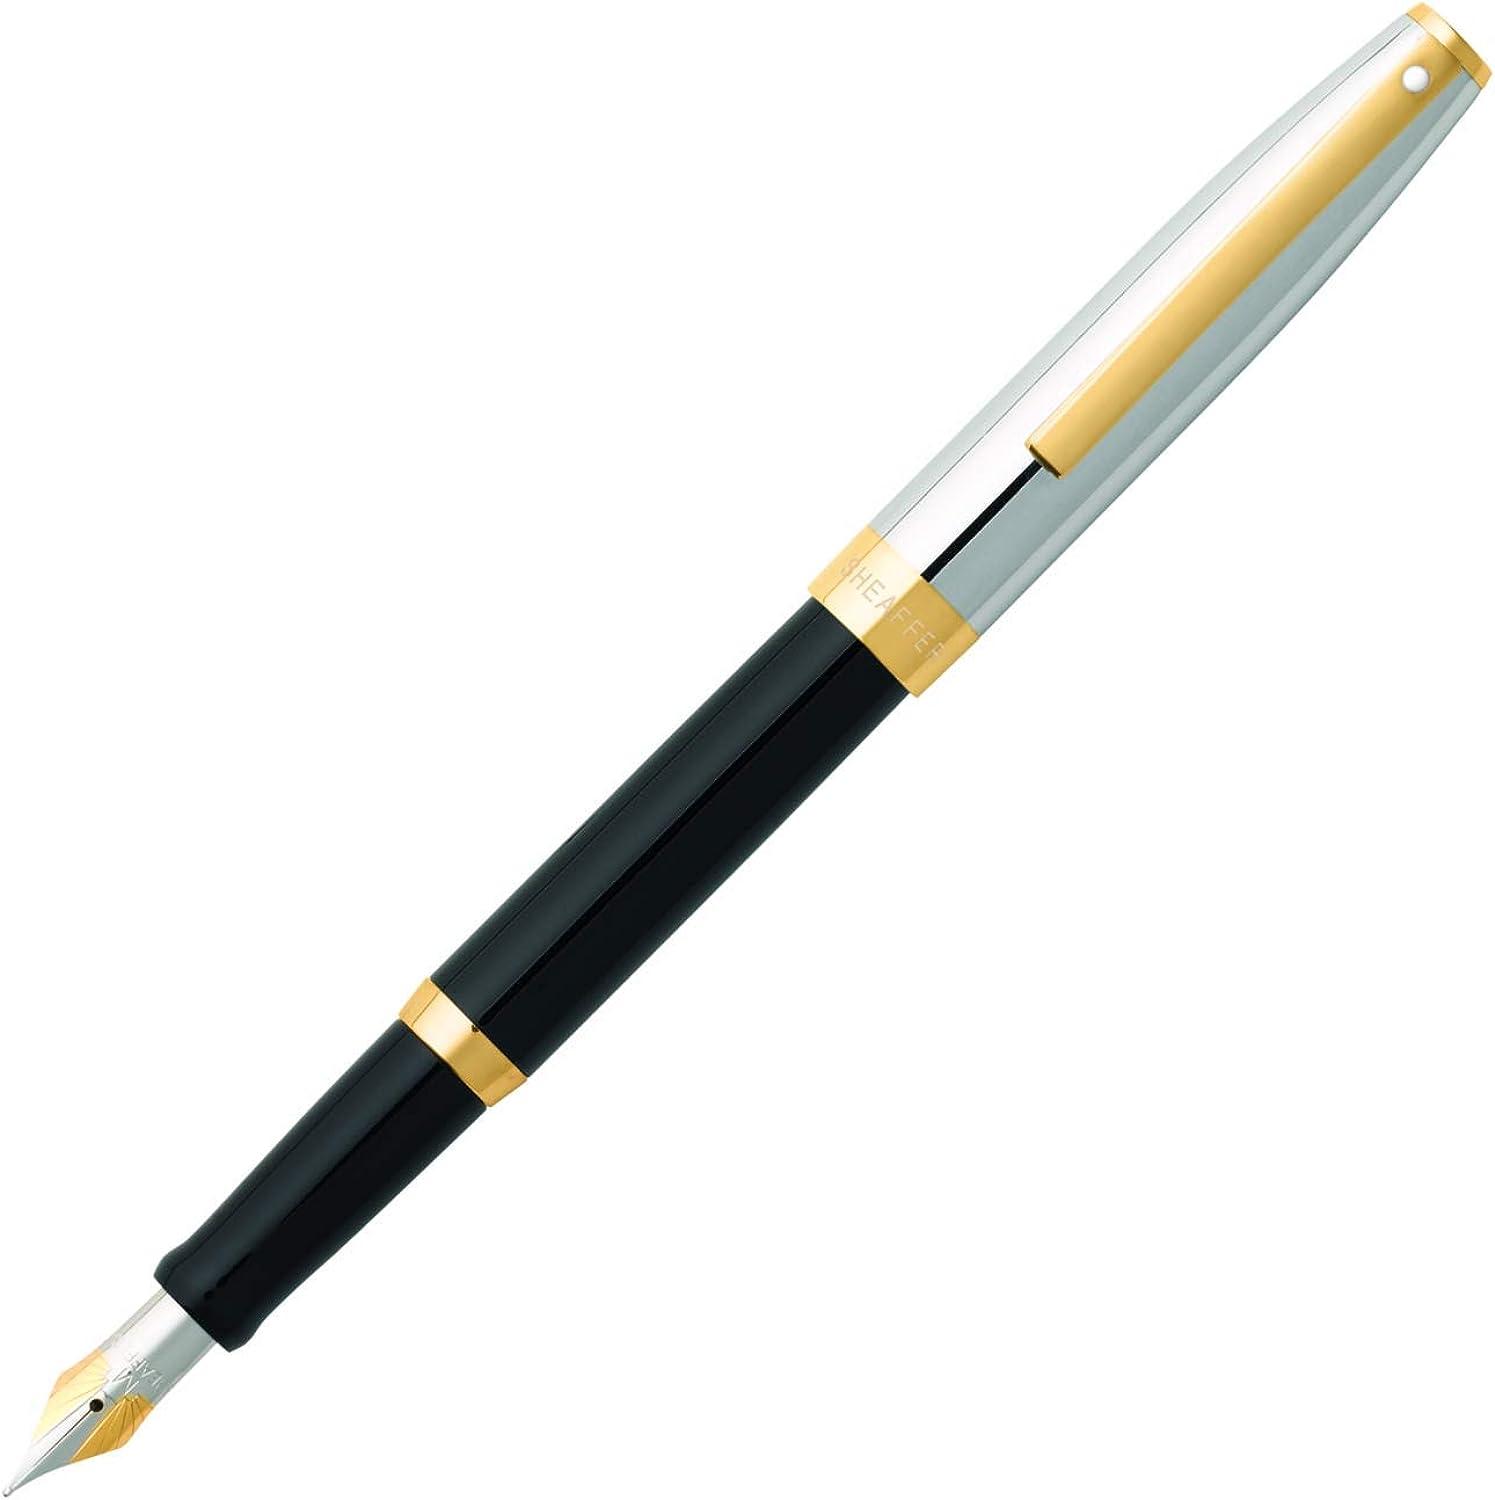 Sheaffer 9475-2 Kugelschreiber Sagaris Korpus Chrom-Kappe mit Gold-Ton Trim, Trim, Trim, glänzend schwarz B00AGV8COE | Tadellos  398b20